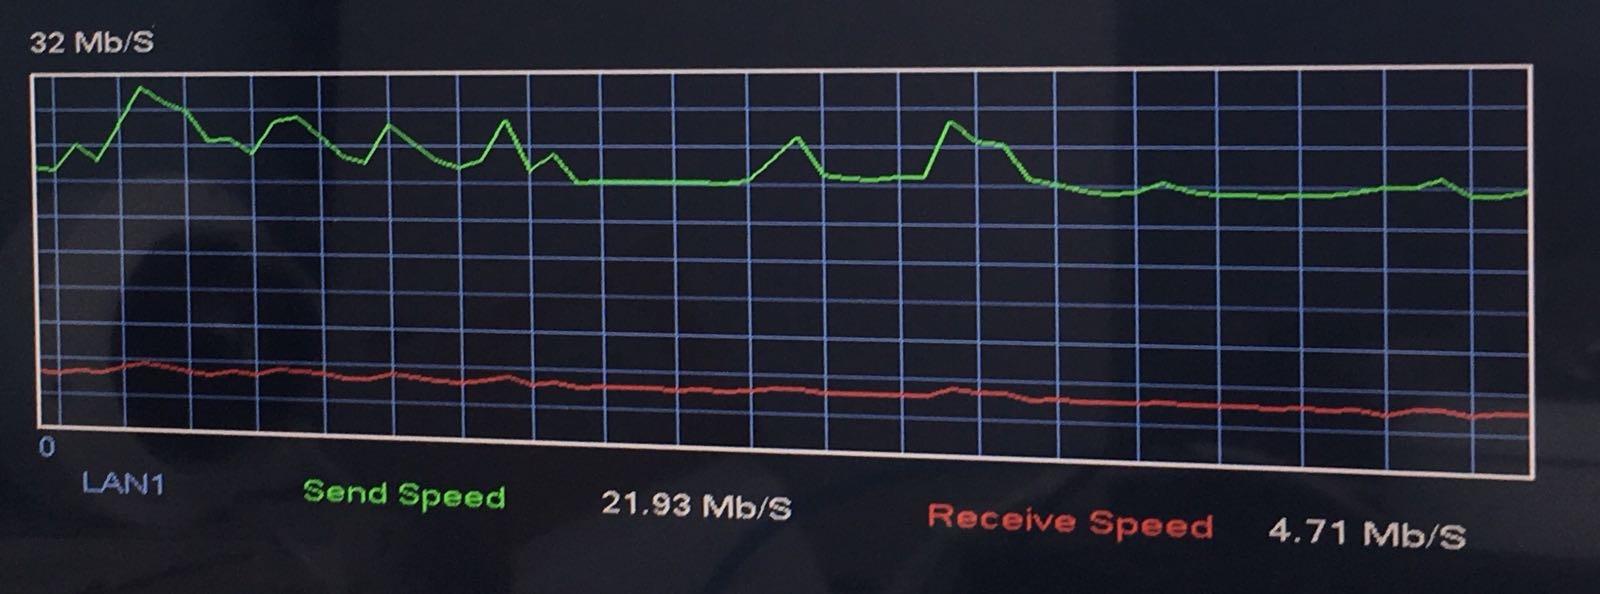 Ejemplo de ancho de banda acumulado para un total de 16 cámaras: 21,93 megabytes por segundo